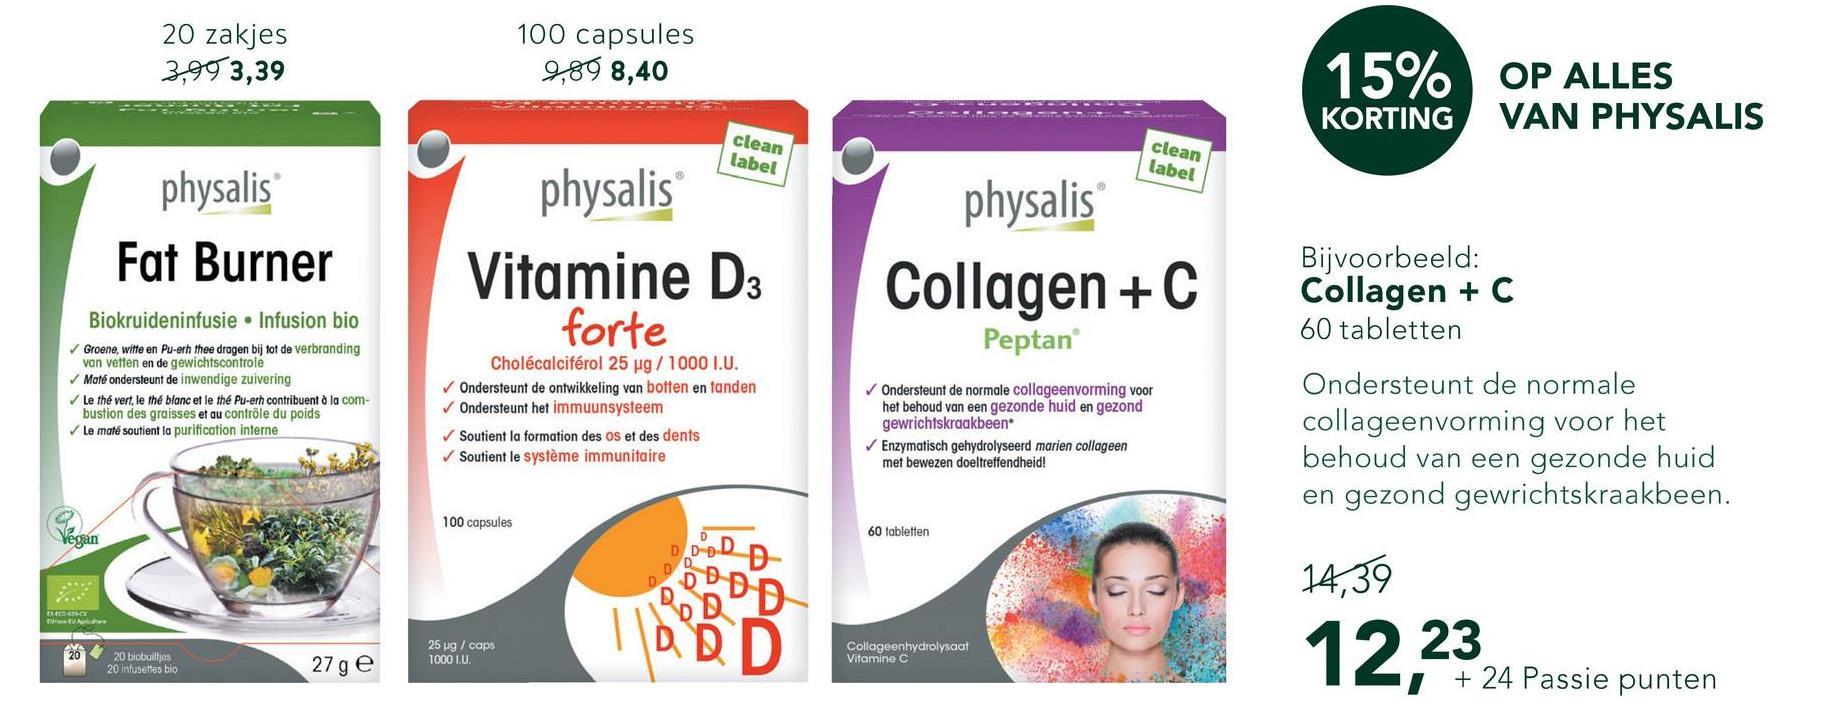 Physalis Collagen + C (60 Tabletten) <ul><li>Gehydrolyseerd collageen (Collageen type I)</li> <li>Gehydrolyseerd collageen wordt sneller door het lichaam opgenomen</li> <li>Van belang voor de vorming van bijna alle soorten bindweefsel zoals botten, tanden en huid </li></ul>  Physalis Collagen + C bevat 1000mg collageen per tablet. Collageen maakt deel uit van het bindweefsel in de huid en zorgt voor elasticiteit en stevigheid van de huid.<br><br>Vitamine C is betrokken bij de vorming van collageen en het beschermt onze gezonde lichaamscellen.